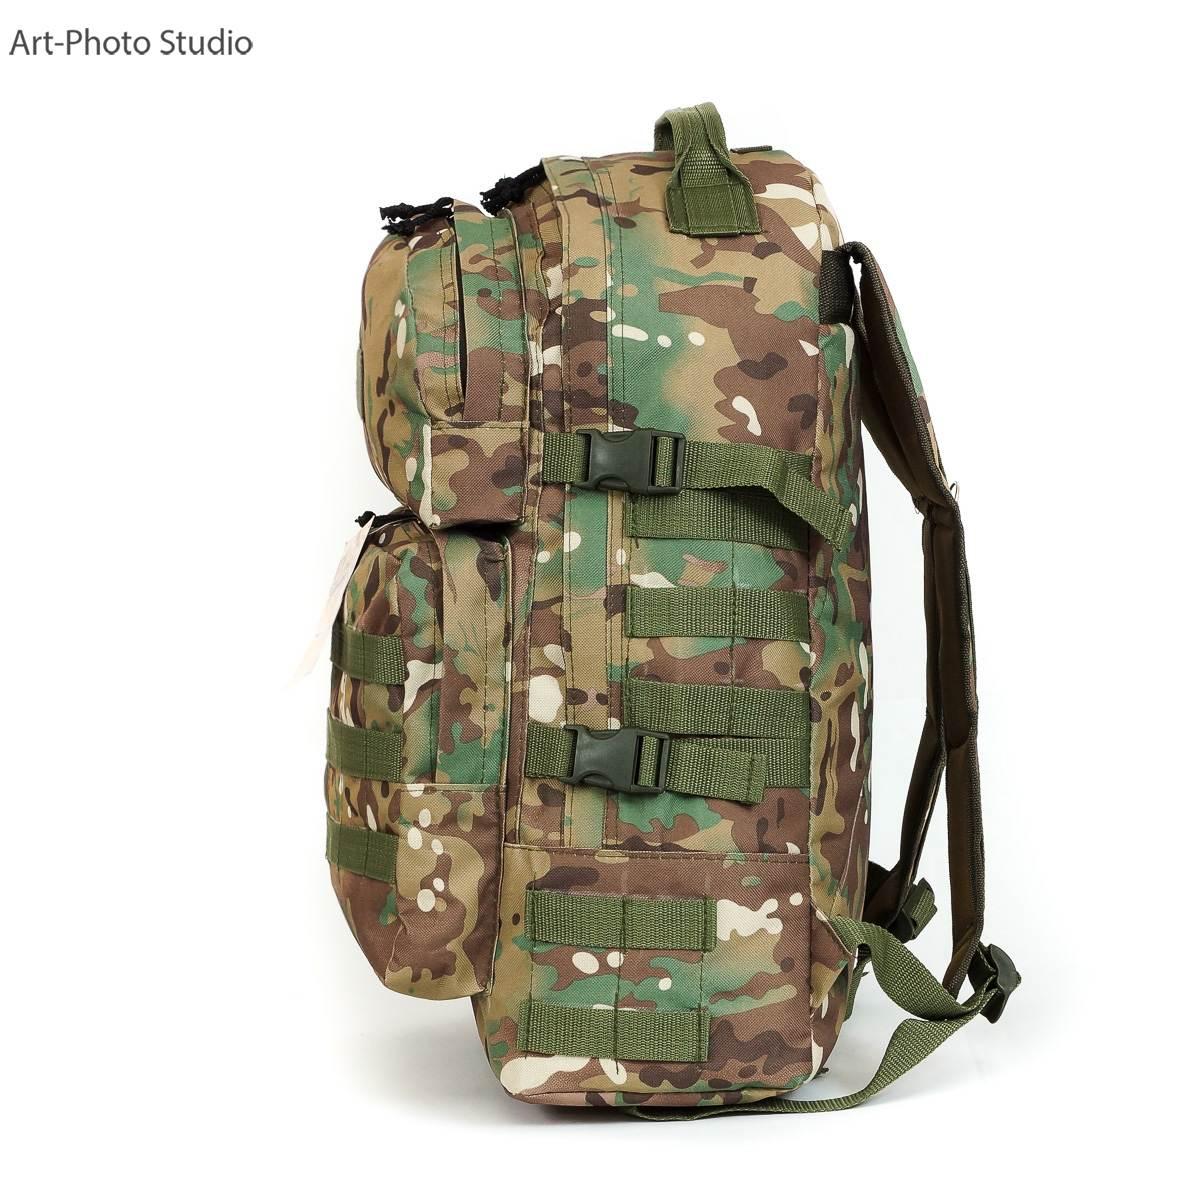 предметная фотография тактического рюкзака цвета мультикам